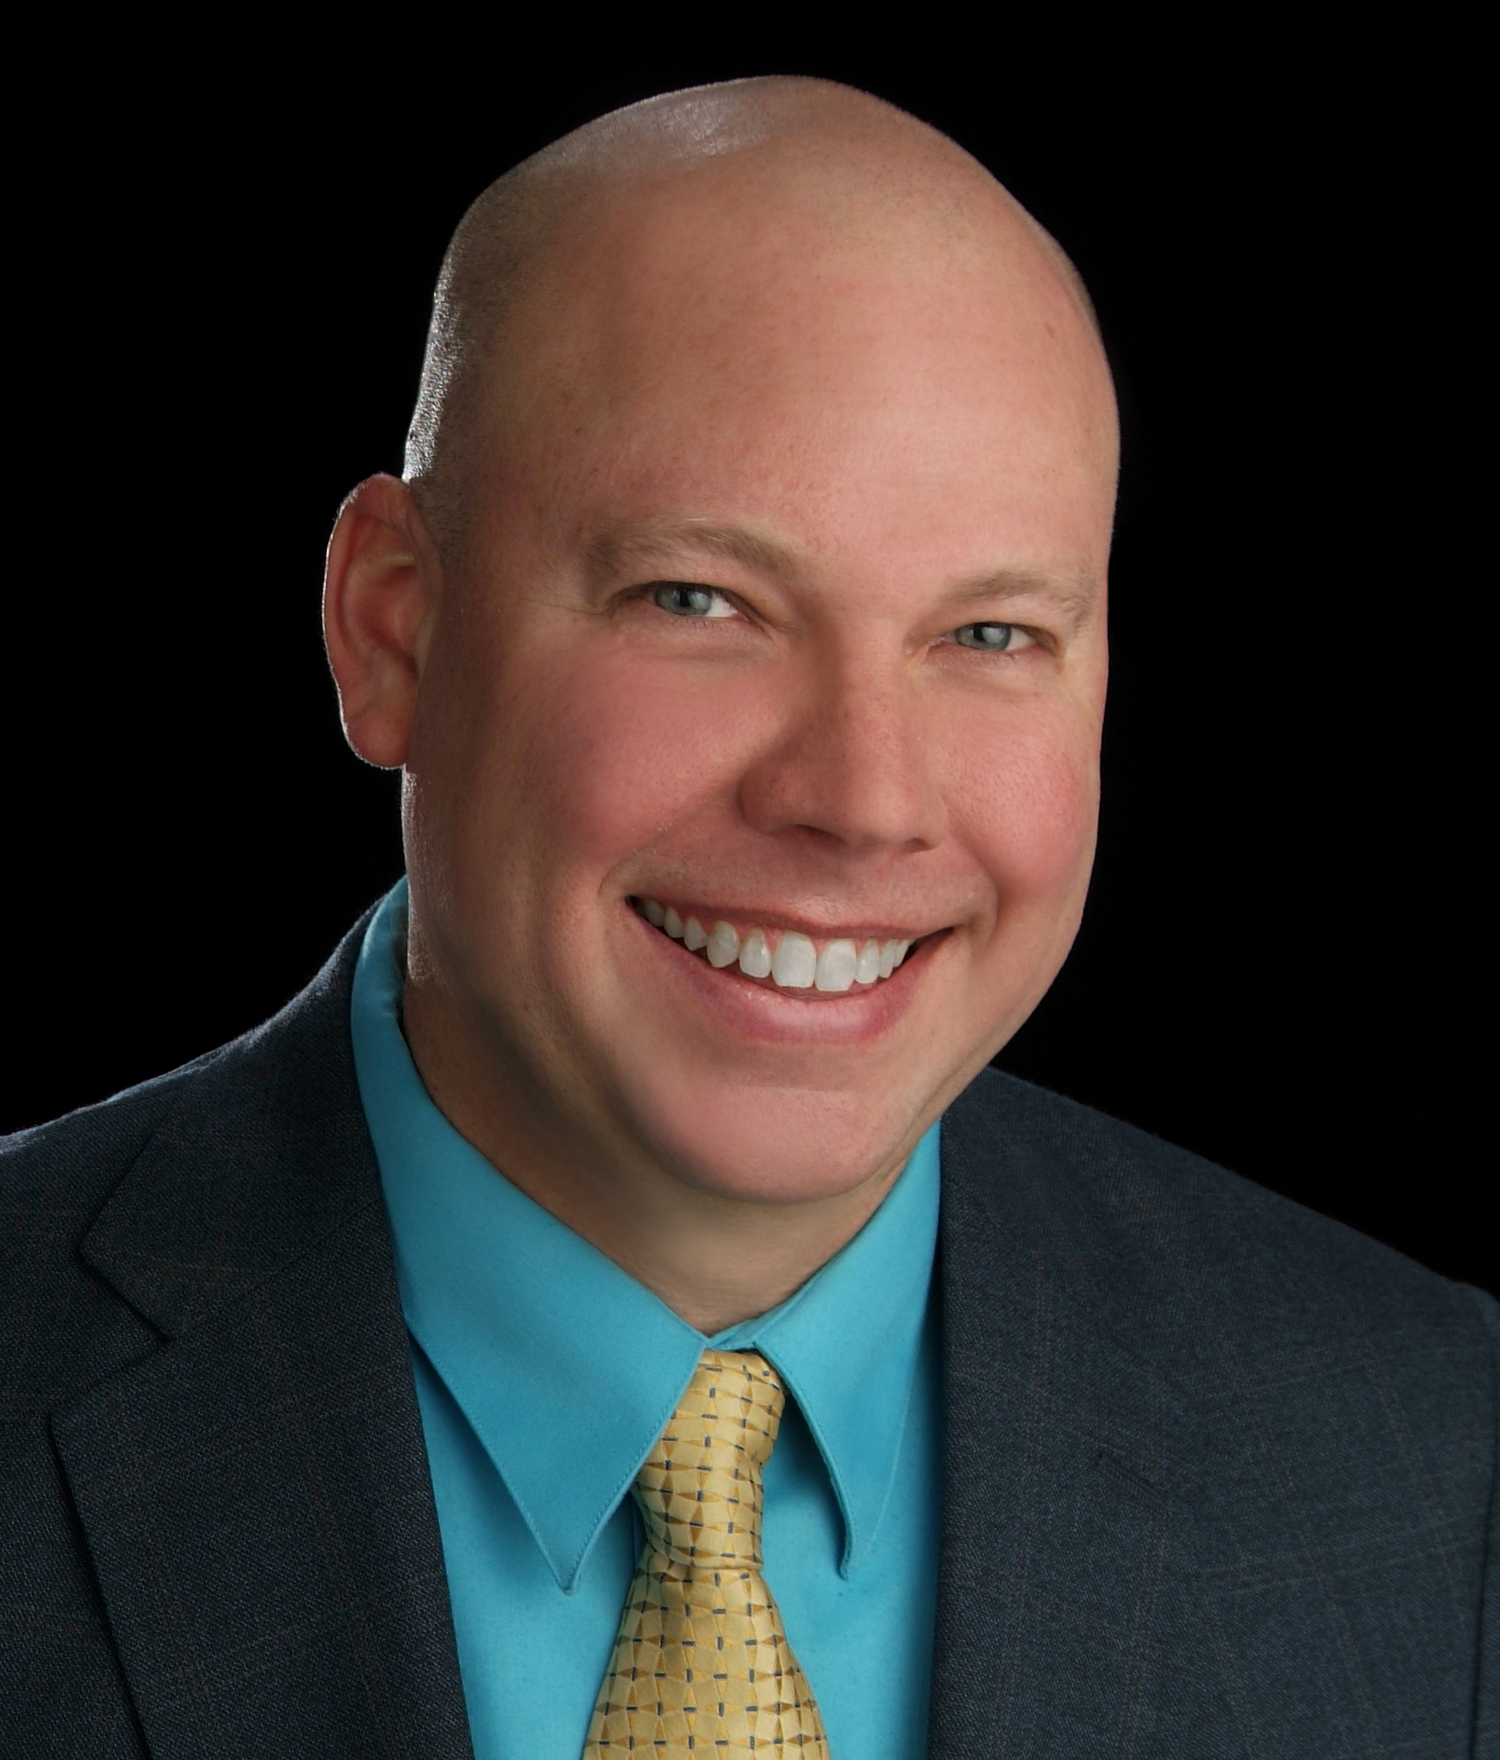 Matt Wefel